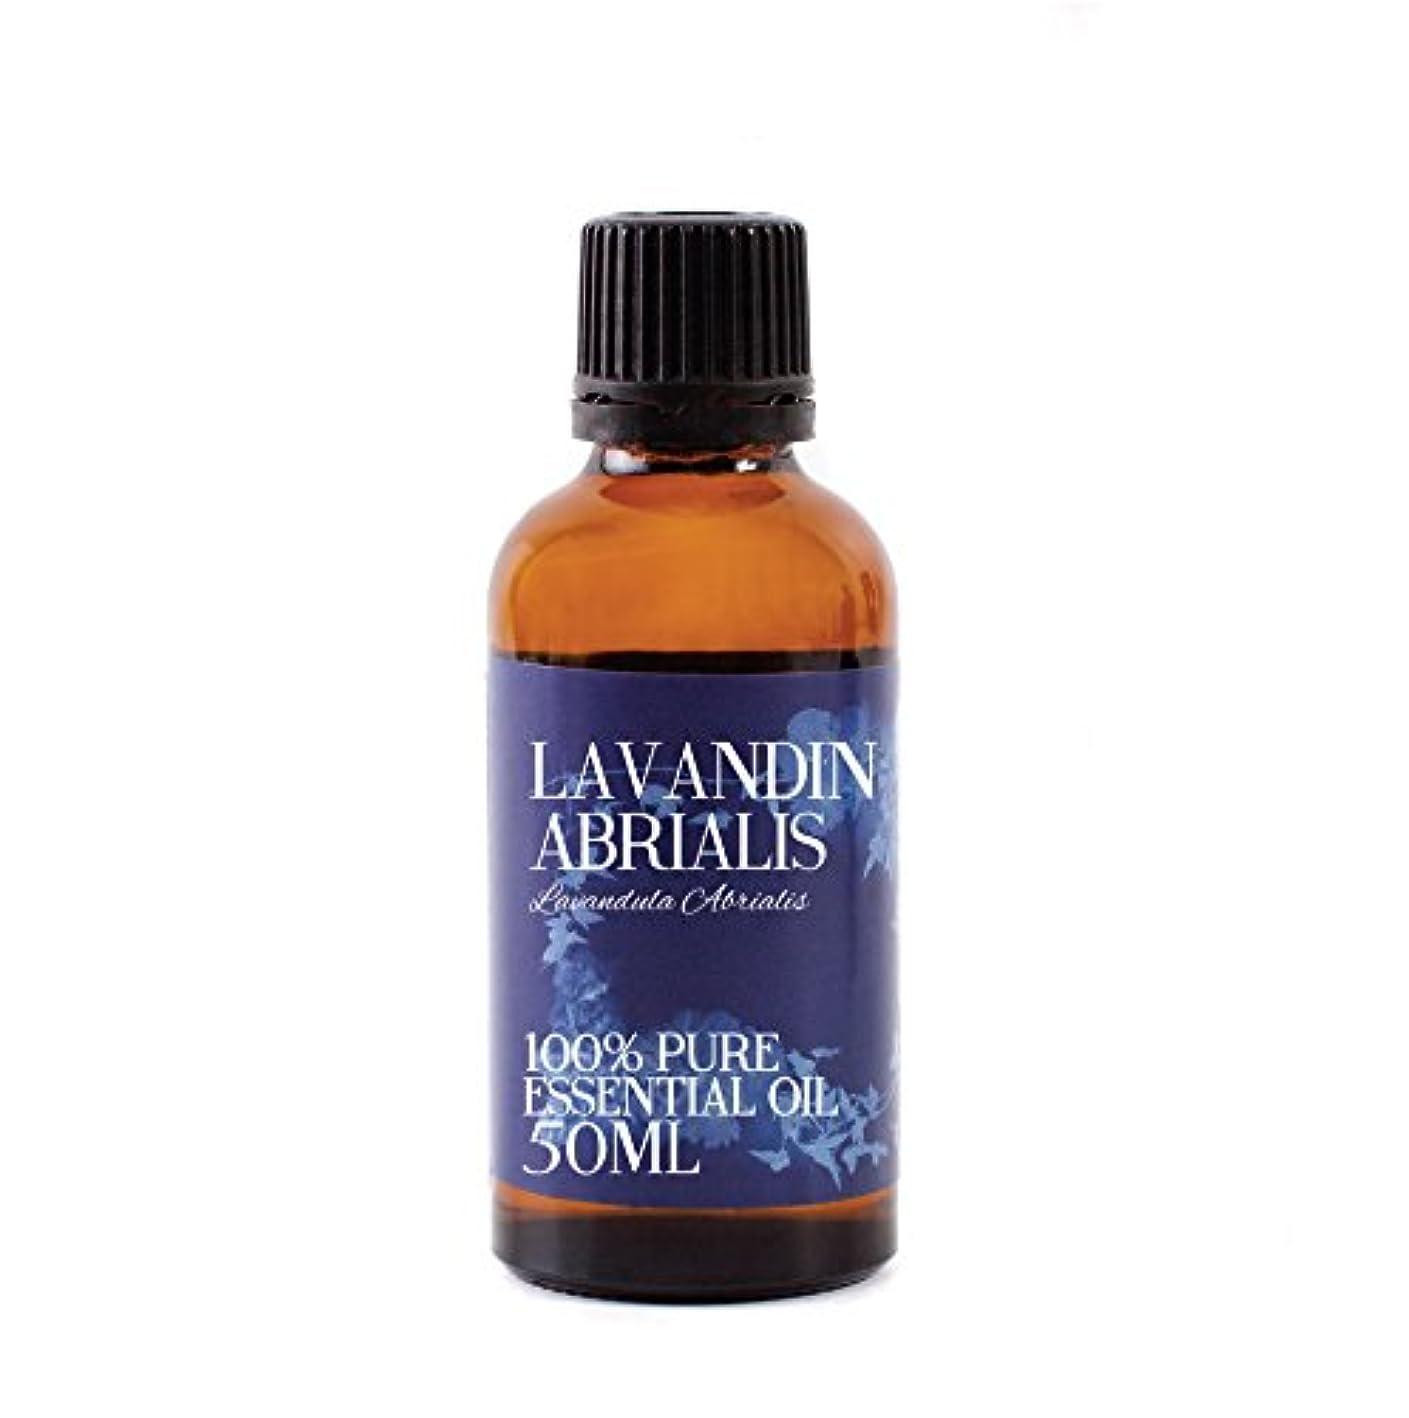 心配同情的民主主義Mystic Moments | Lavandin Abrialis Essential Oil - 50ml - 100% Pure